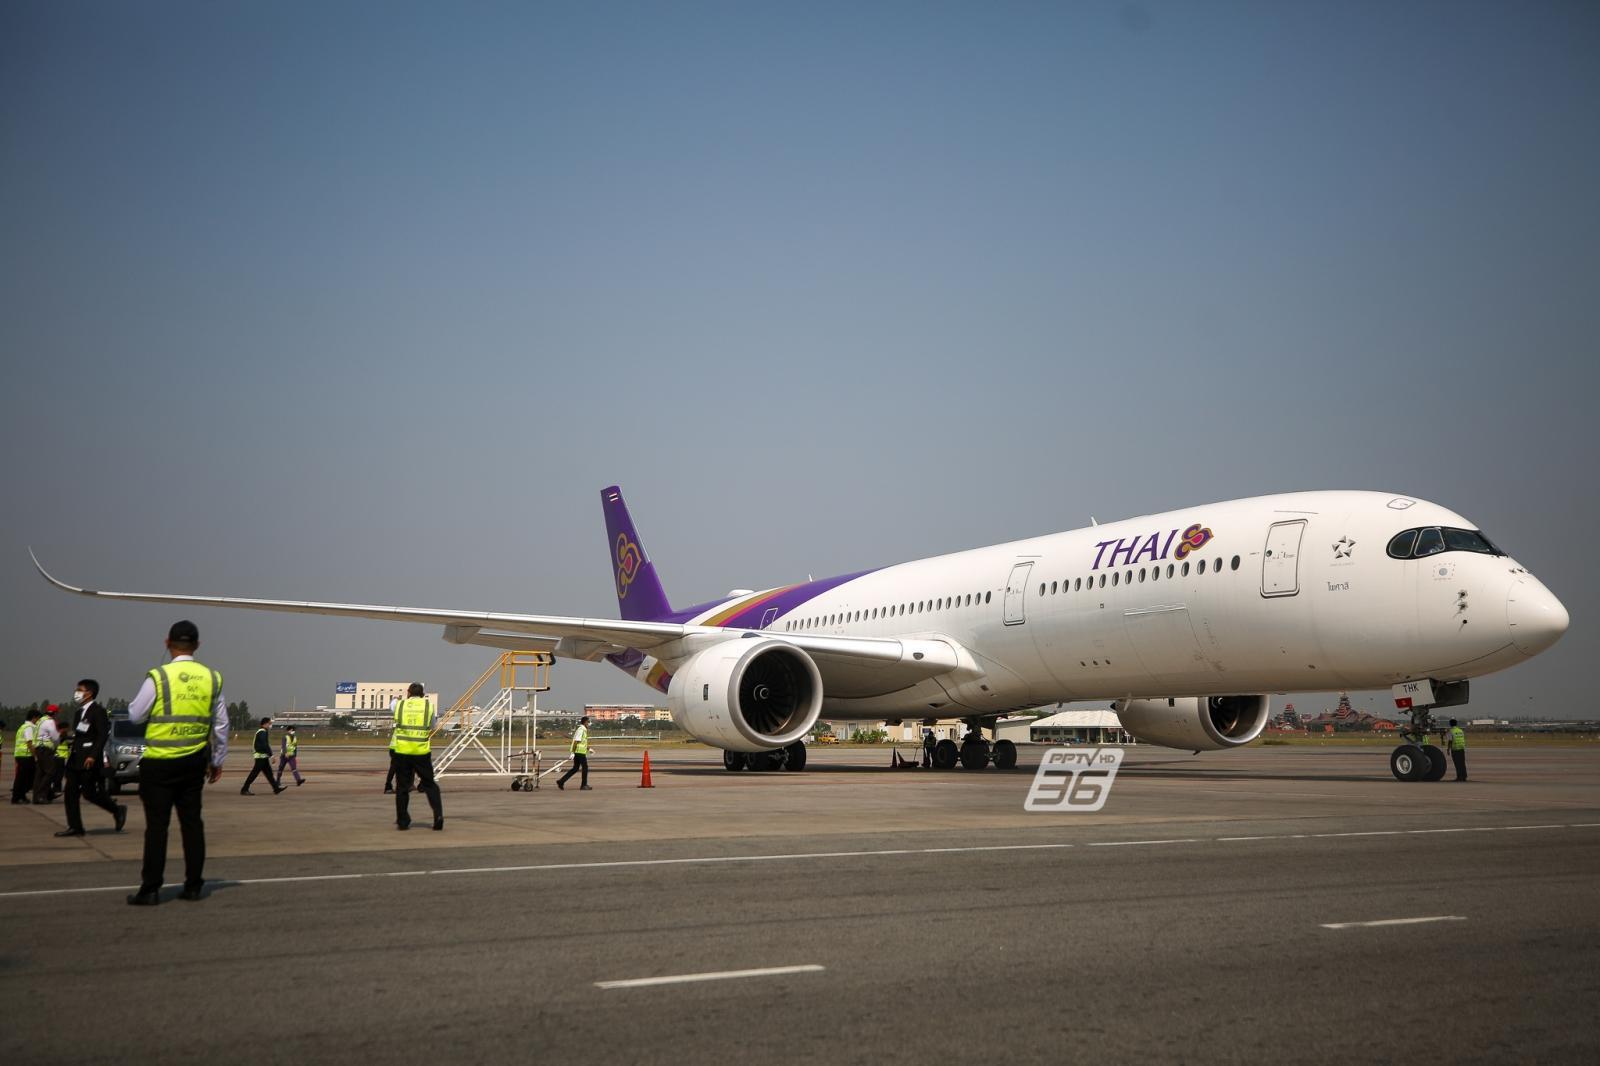 """""""การบินไทย"""" เฮ เจ้าหนี้ 91% ยอมรับแผนฟื้นฟูกิจการ เปิดชื่อ 5 ผู้บริหารแผน"""